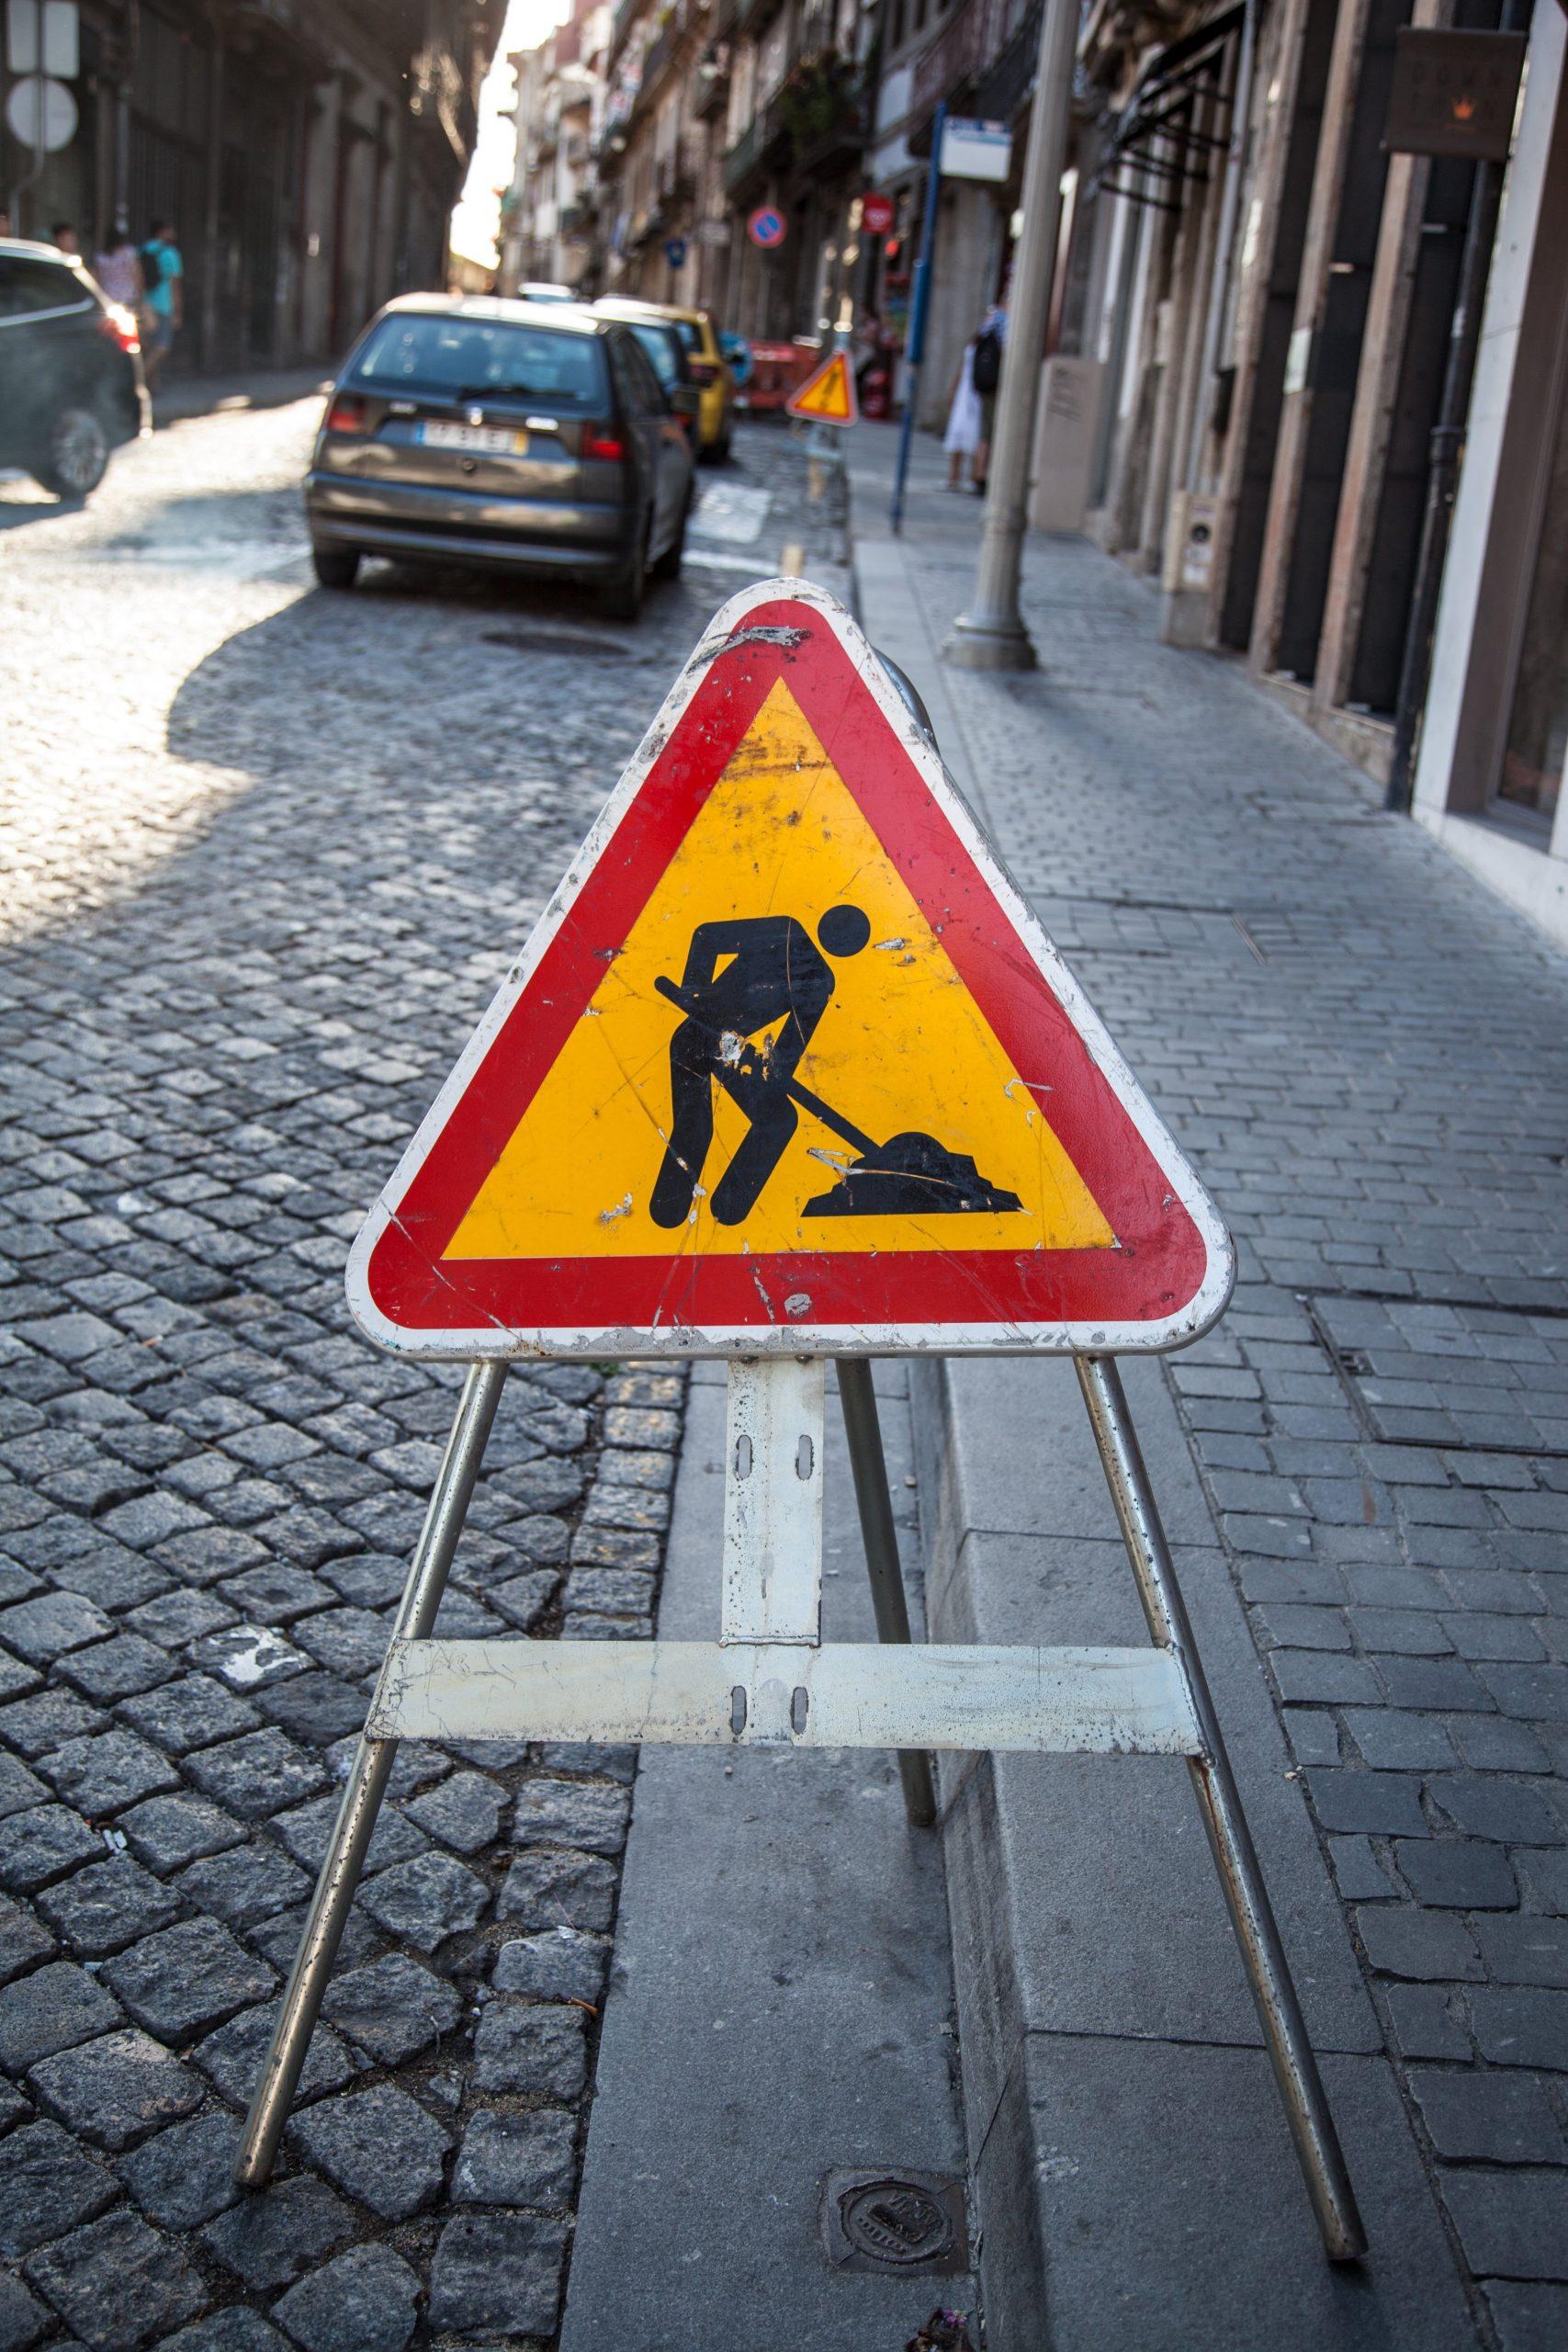 Primăria Capitalei continuă lucrările de reparații pe străzile Bucureștiului. Mai mult, au fost realizate marcaje și semne rutiere noi